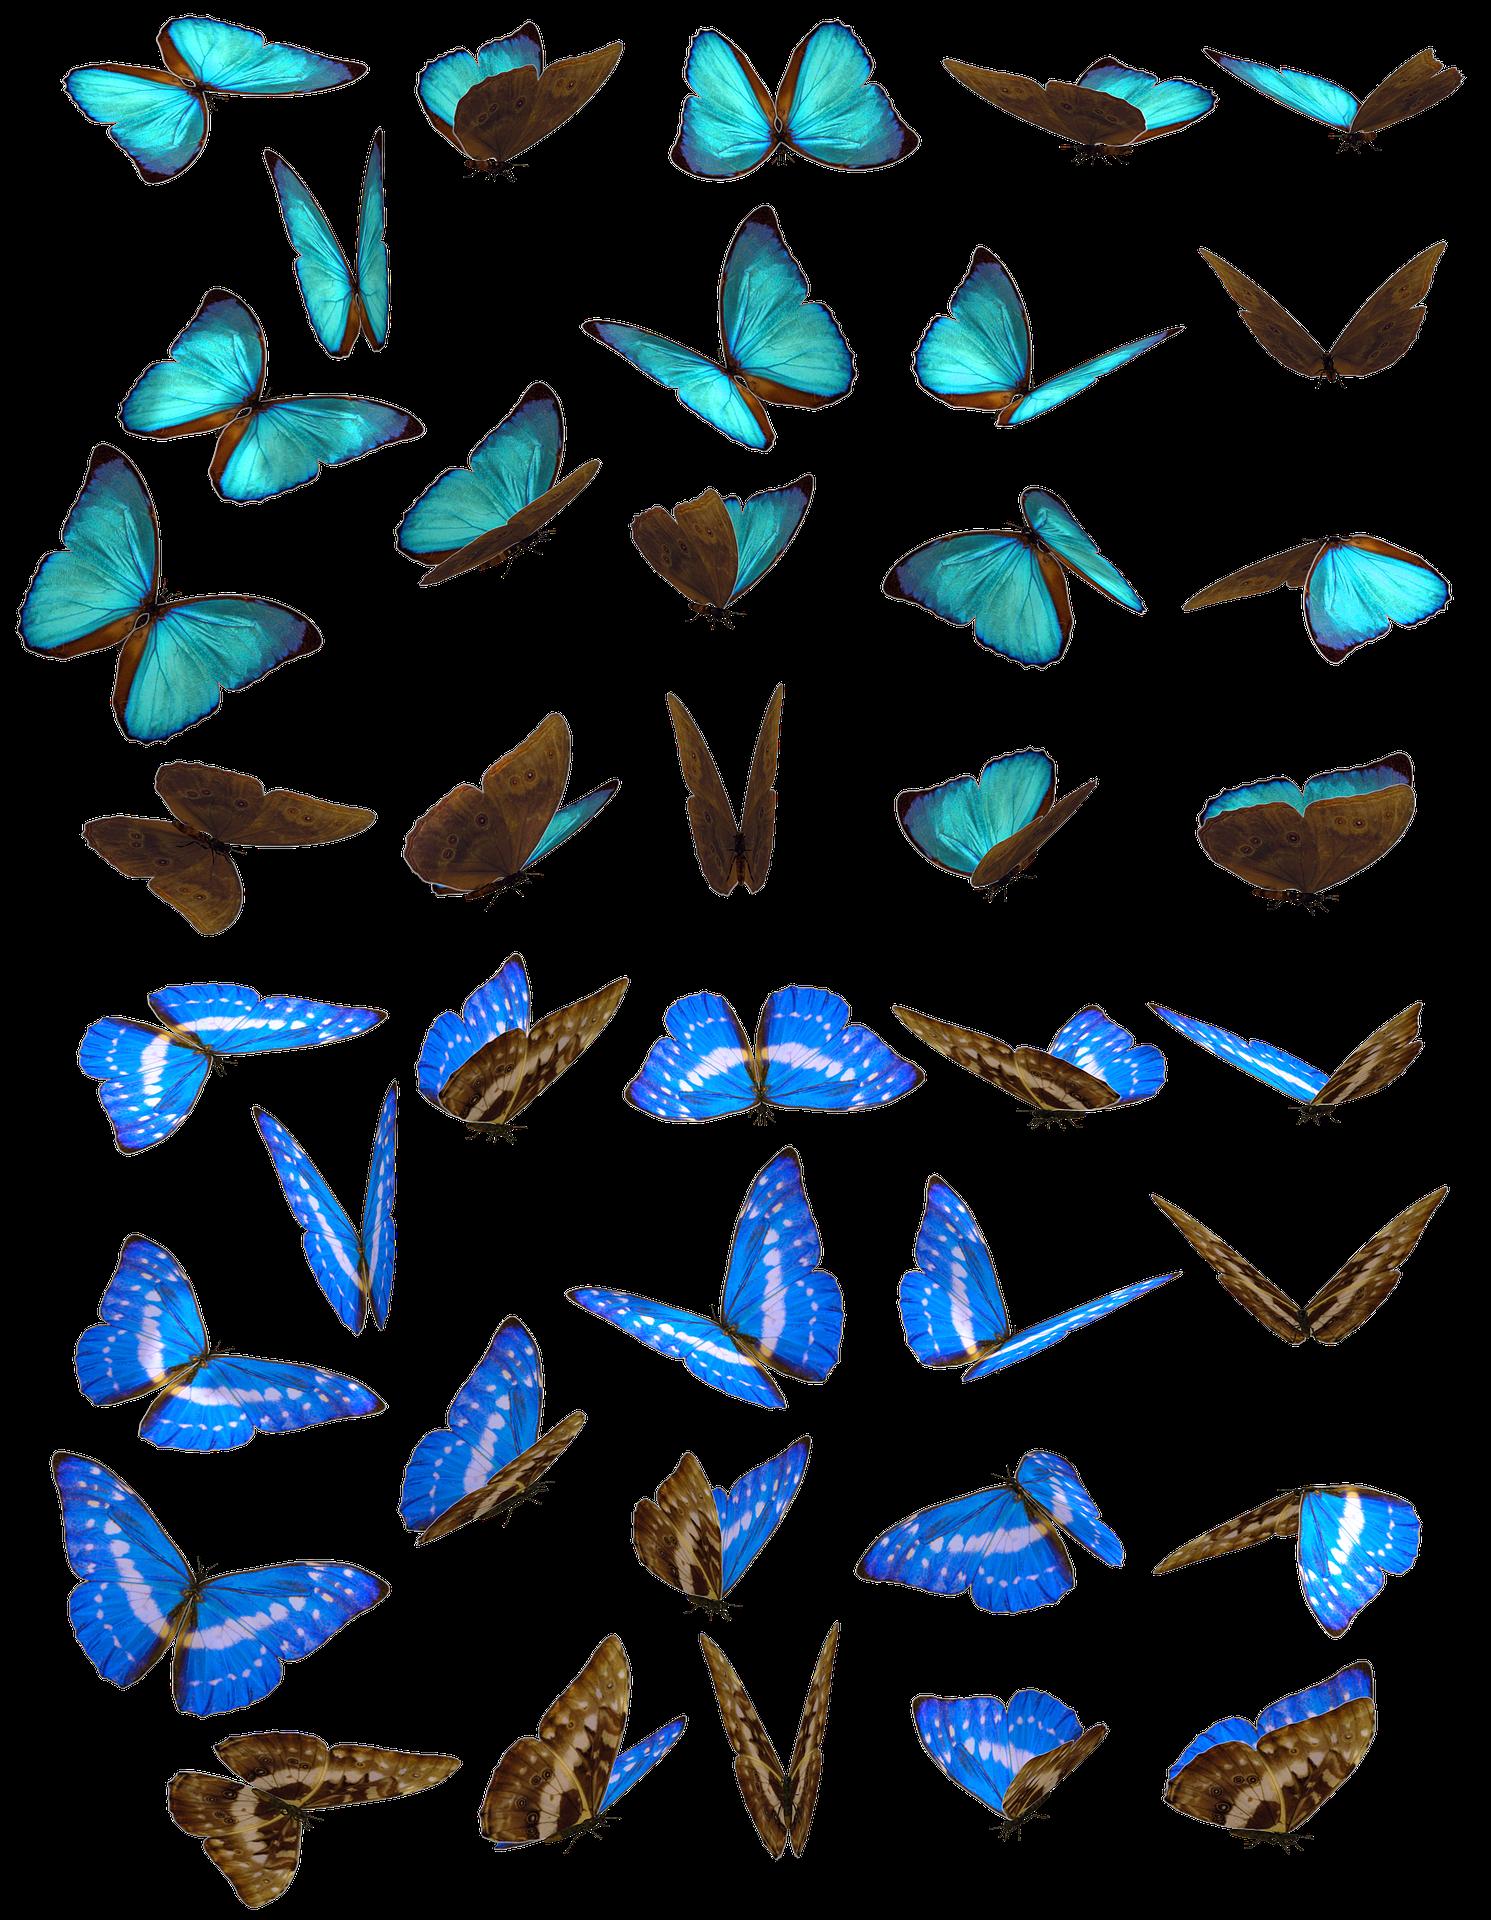 Schmetterlingsflügelgeflatter